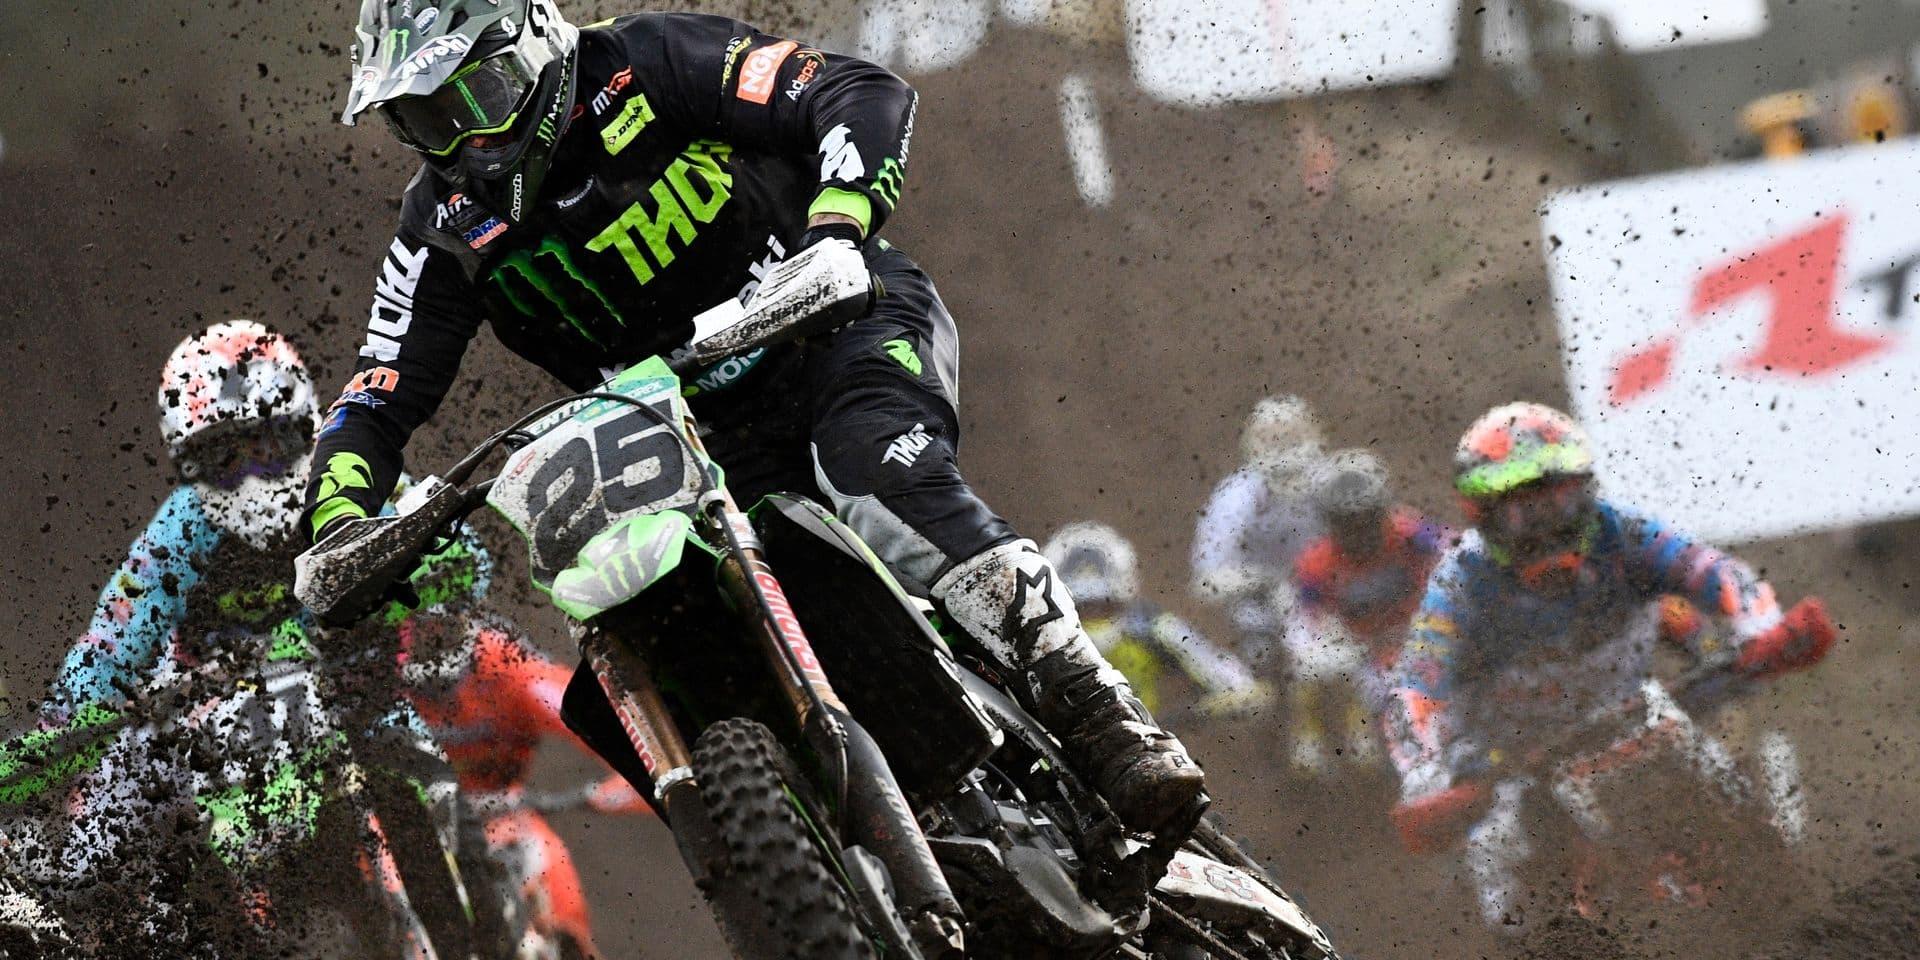 Motocross: Clément Desalle mettra un terme à sa carrière à la fin de la saison